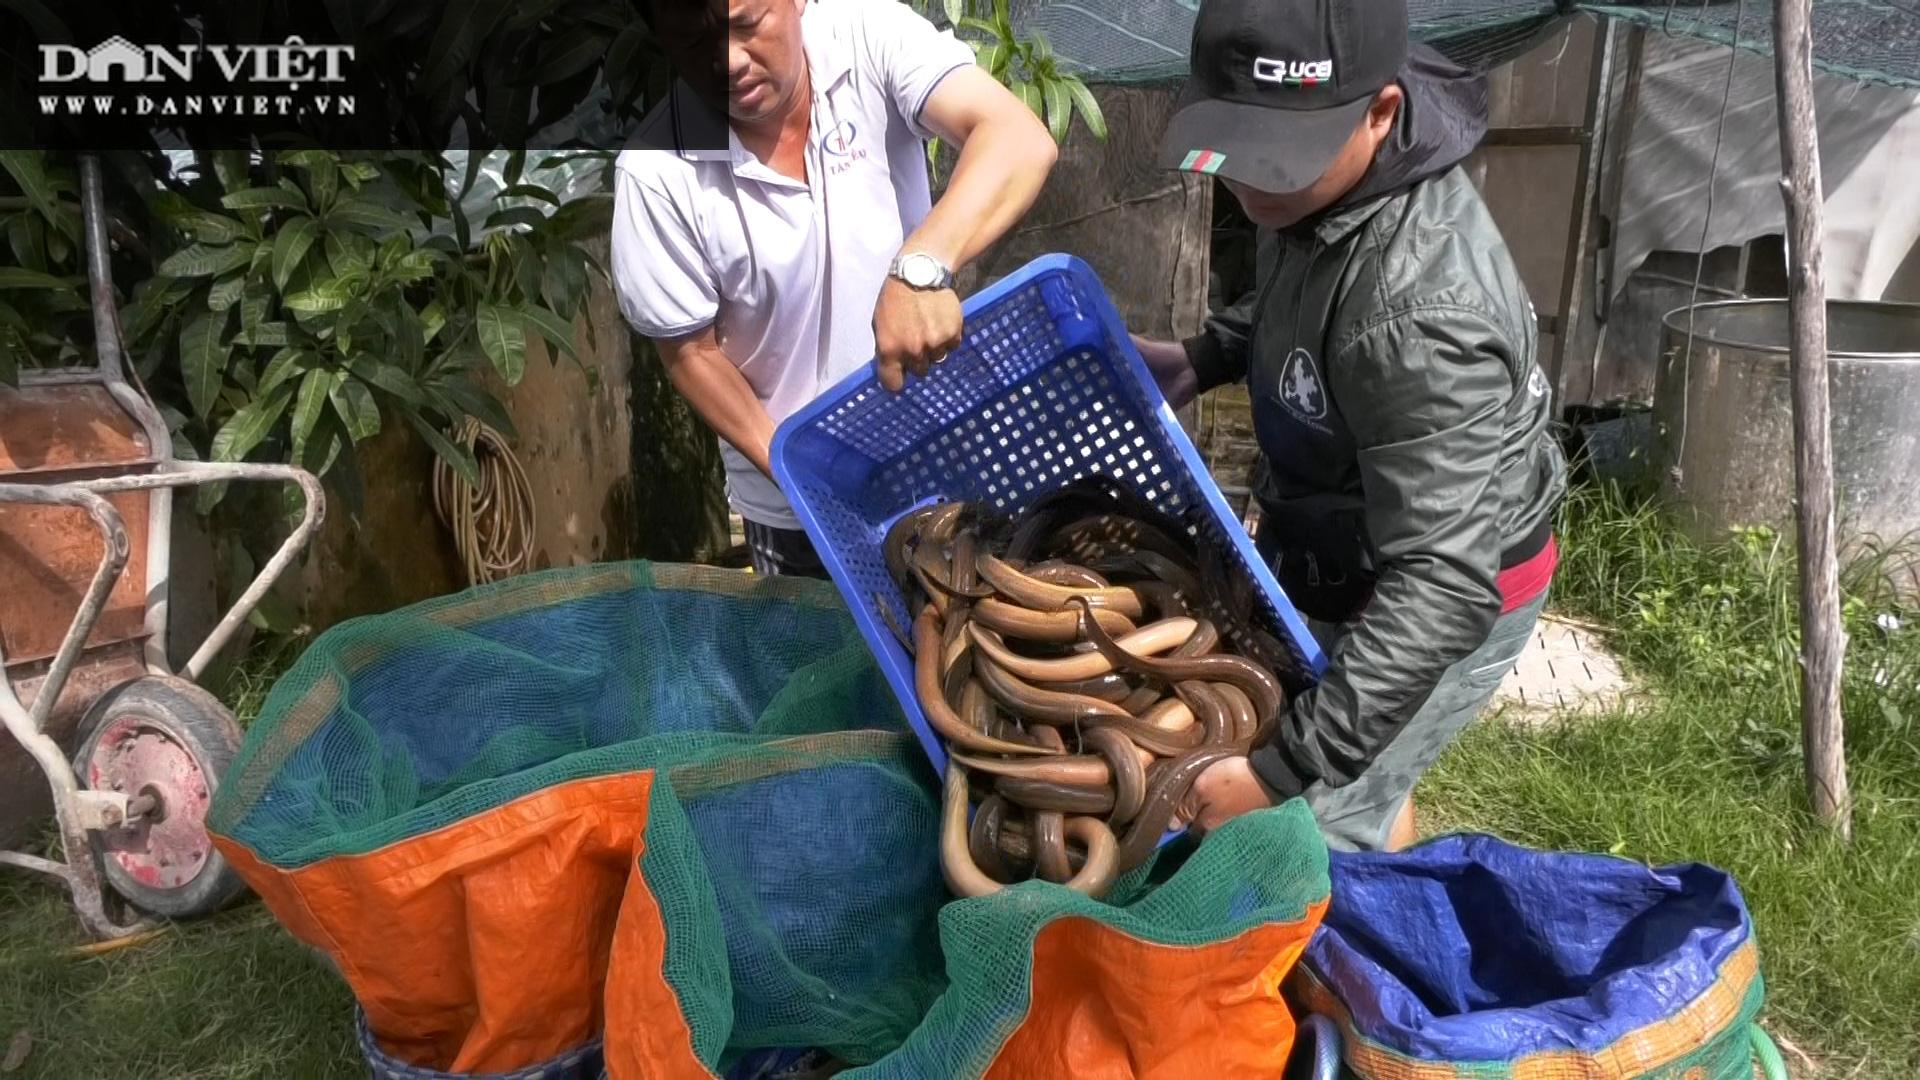 Một ông nông dân tỉnh Đồng Tháp bắt bán hàng tấn lươn không bùn, thương lái tấp nập đến mua - Ảnh 8.